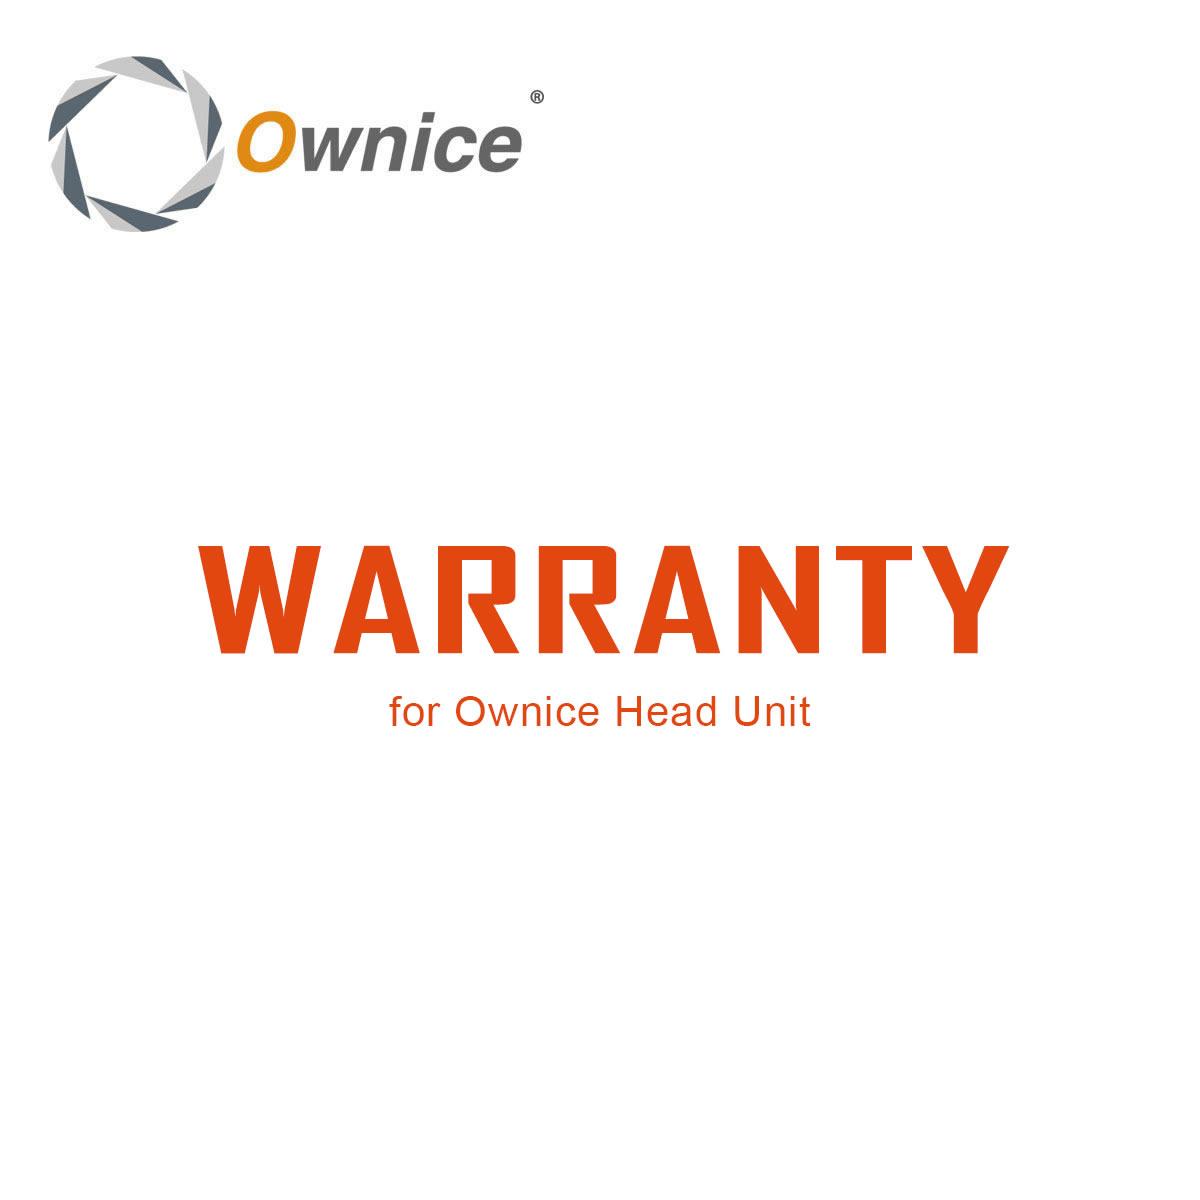 [해외]보증 정보/About warranty